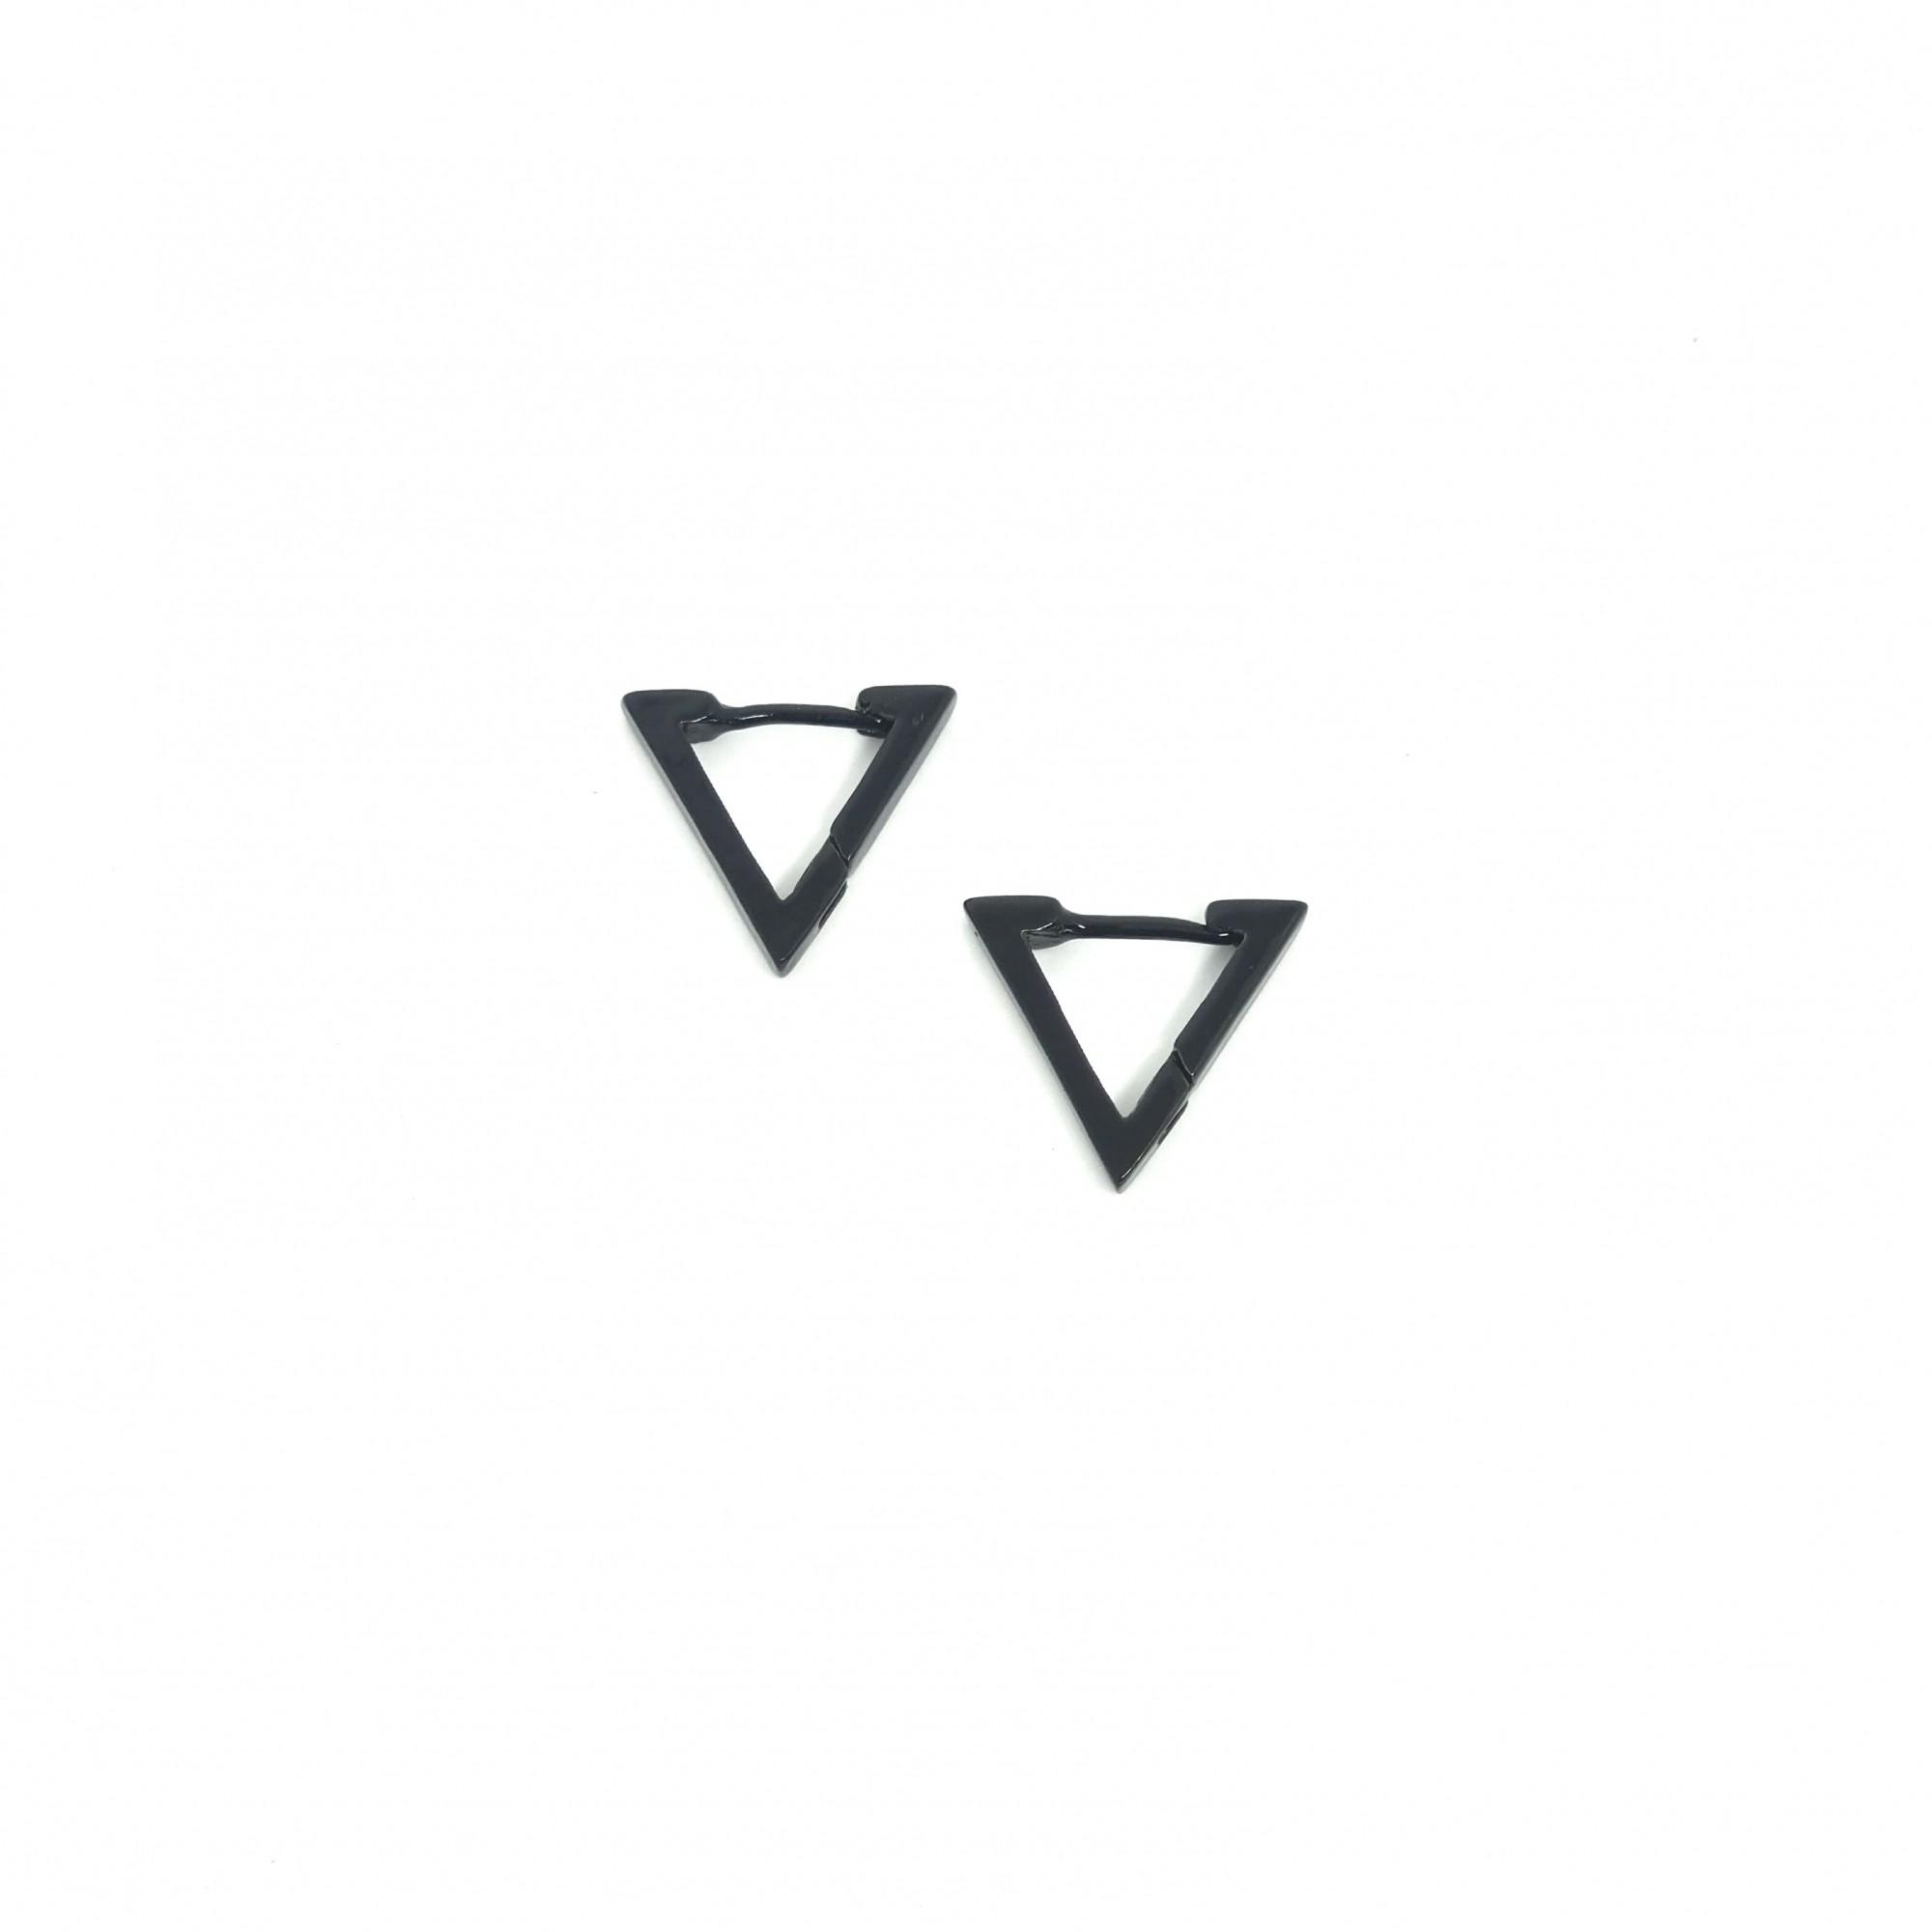 Brinco Masculino Aço Inox Triangulo Preto